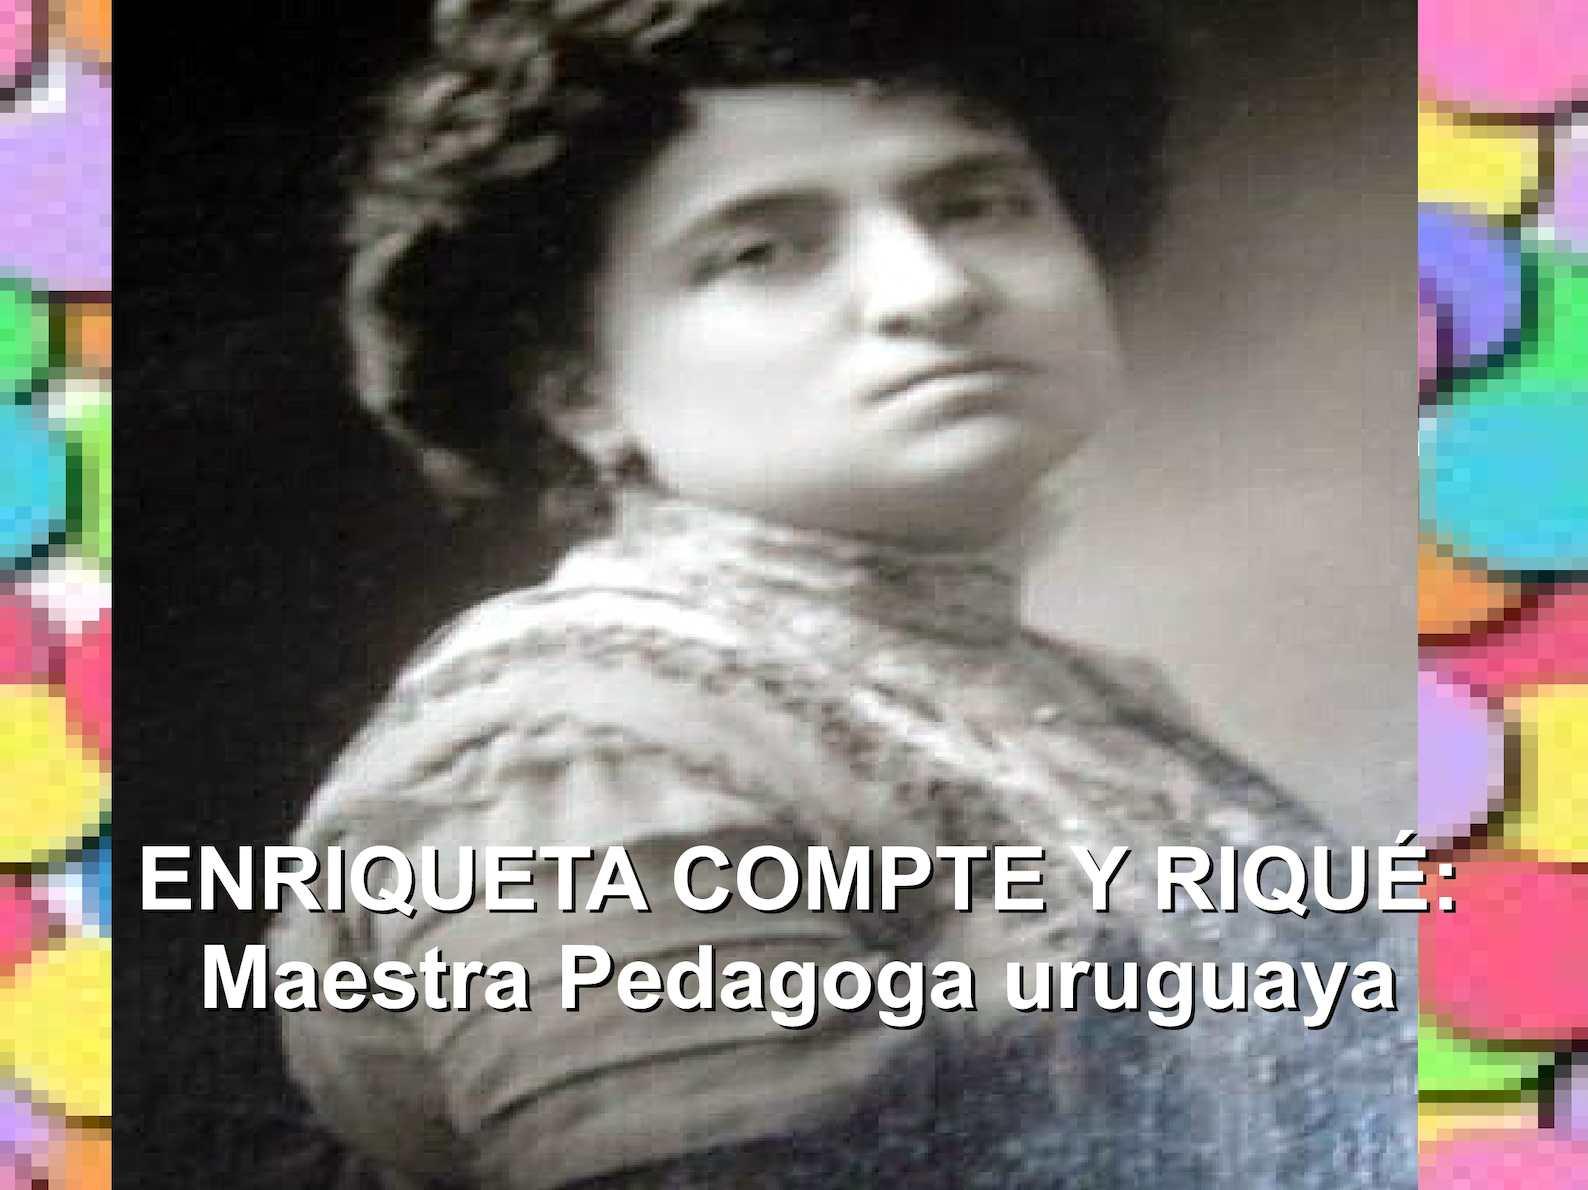 Calaméo Enriqueta Compte Y Riqué